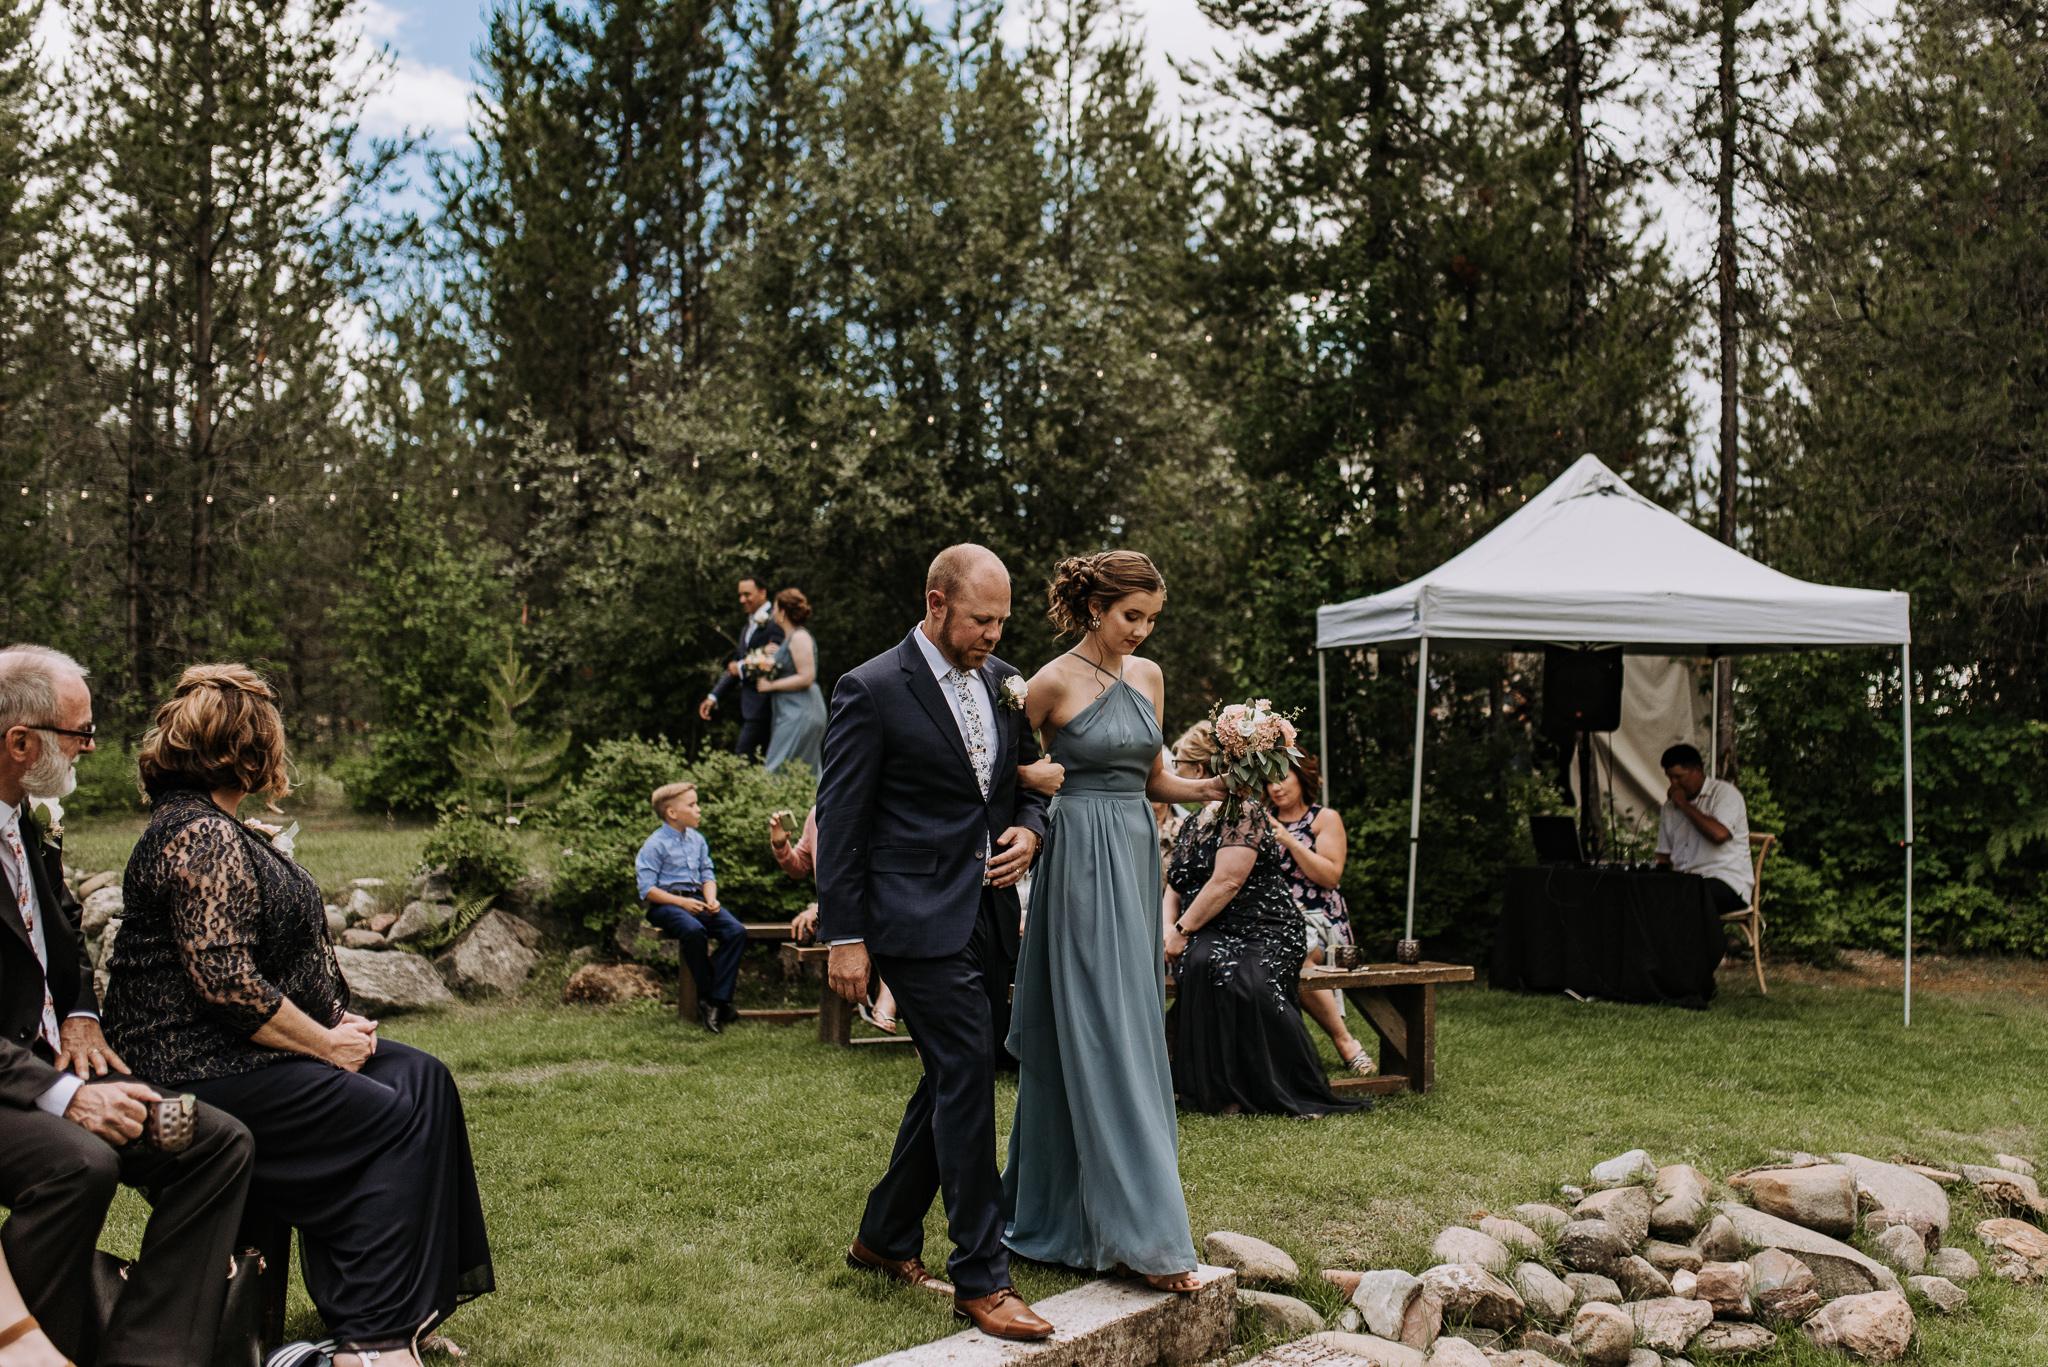 glacier-park-wedding-73.jpg